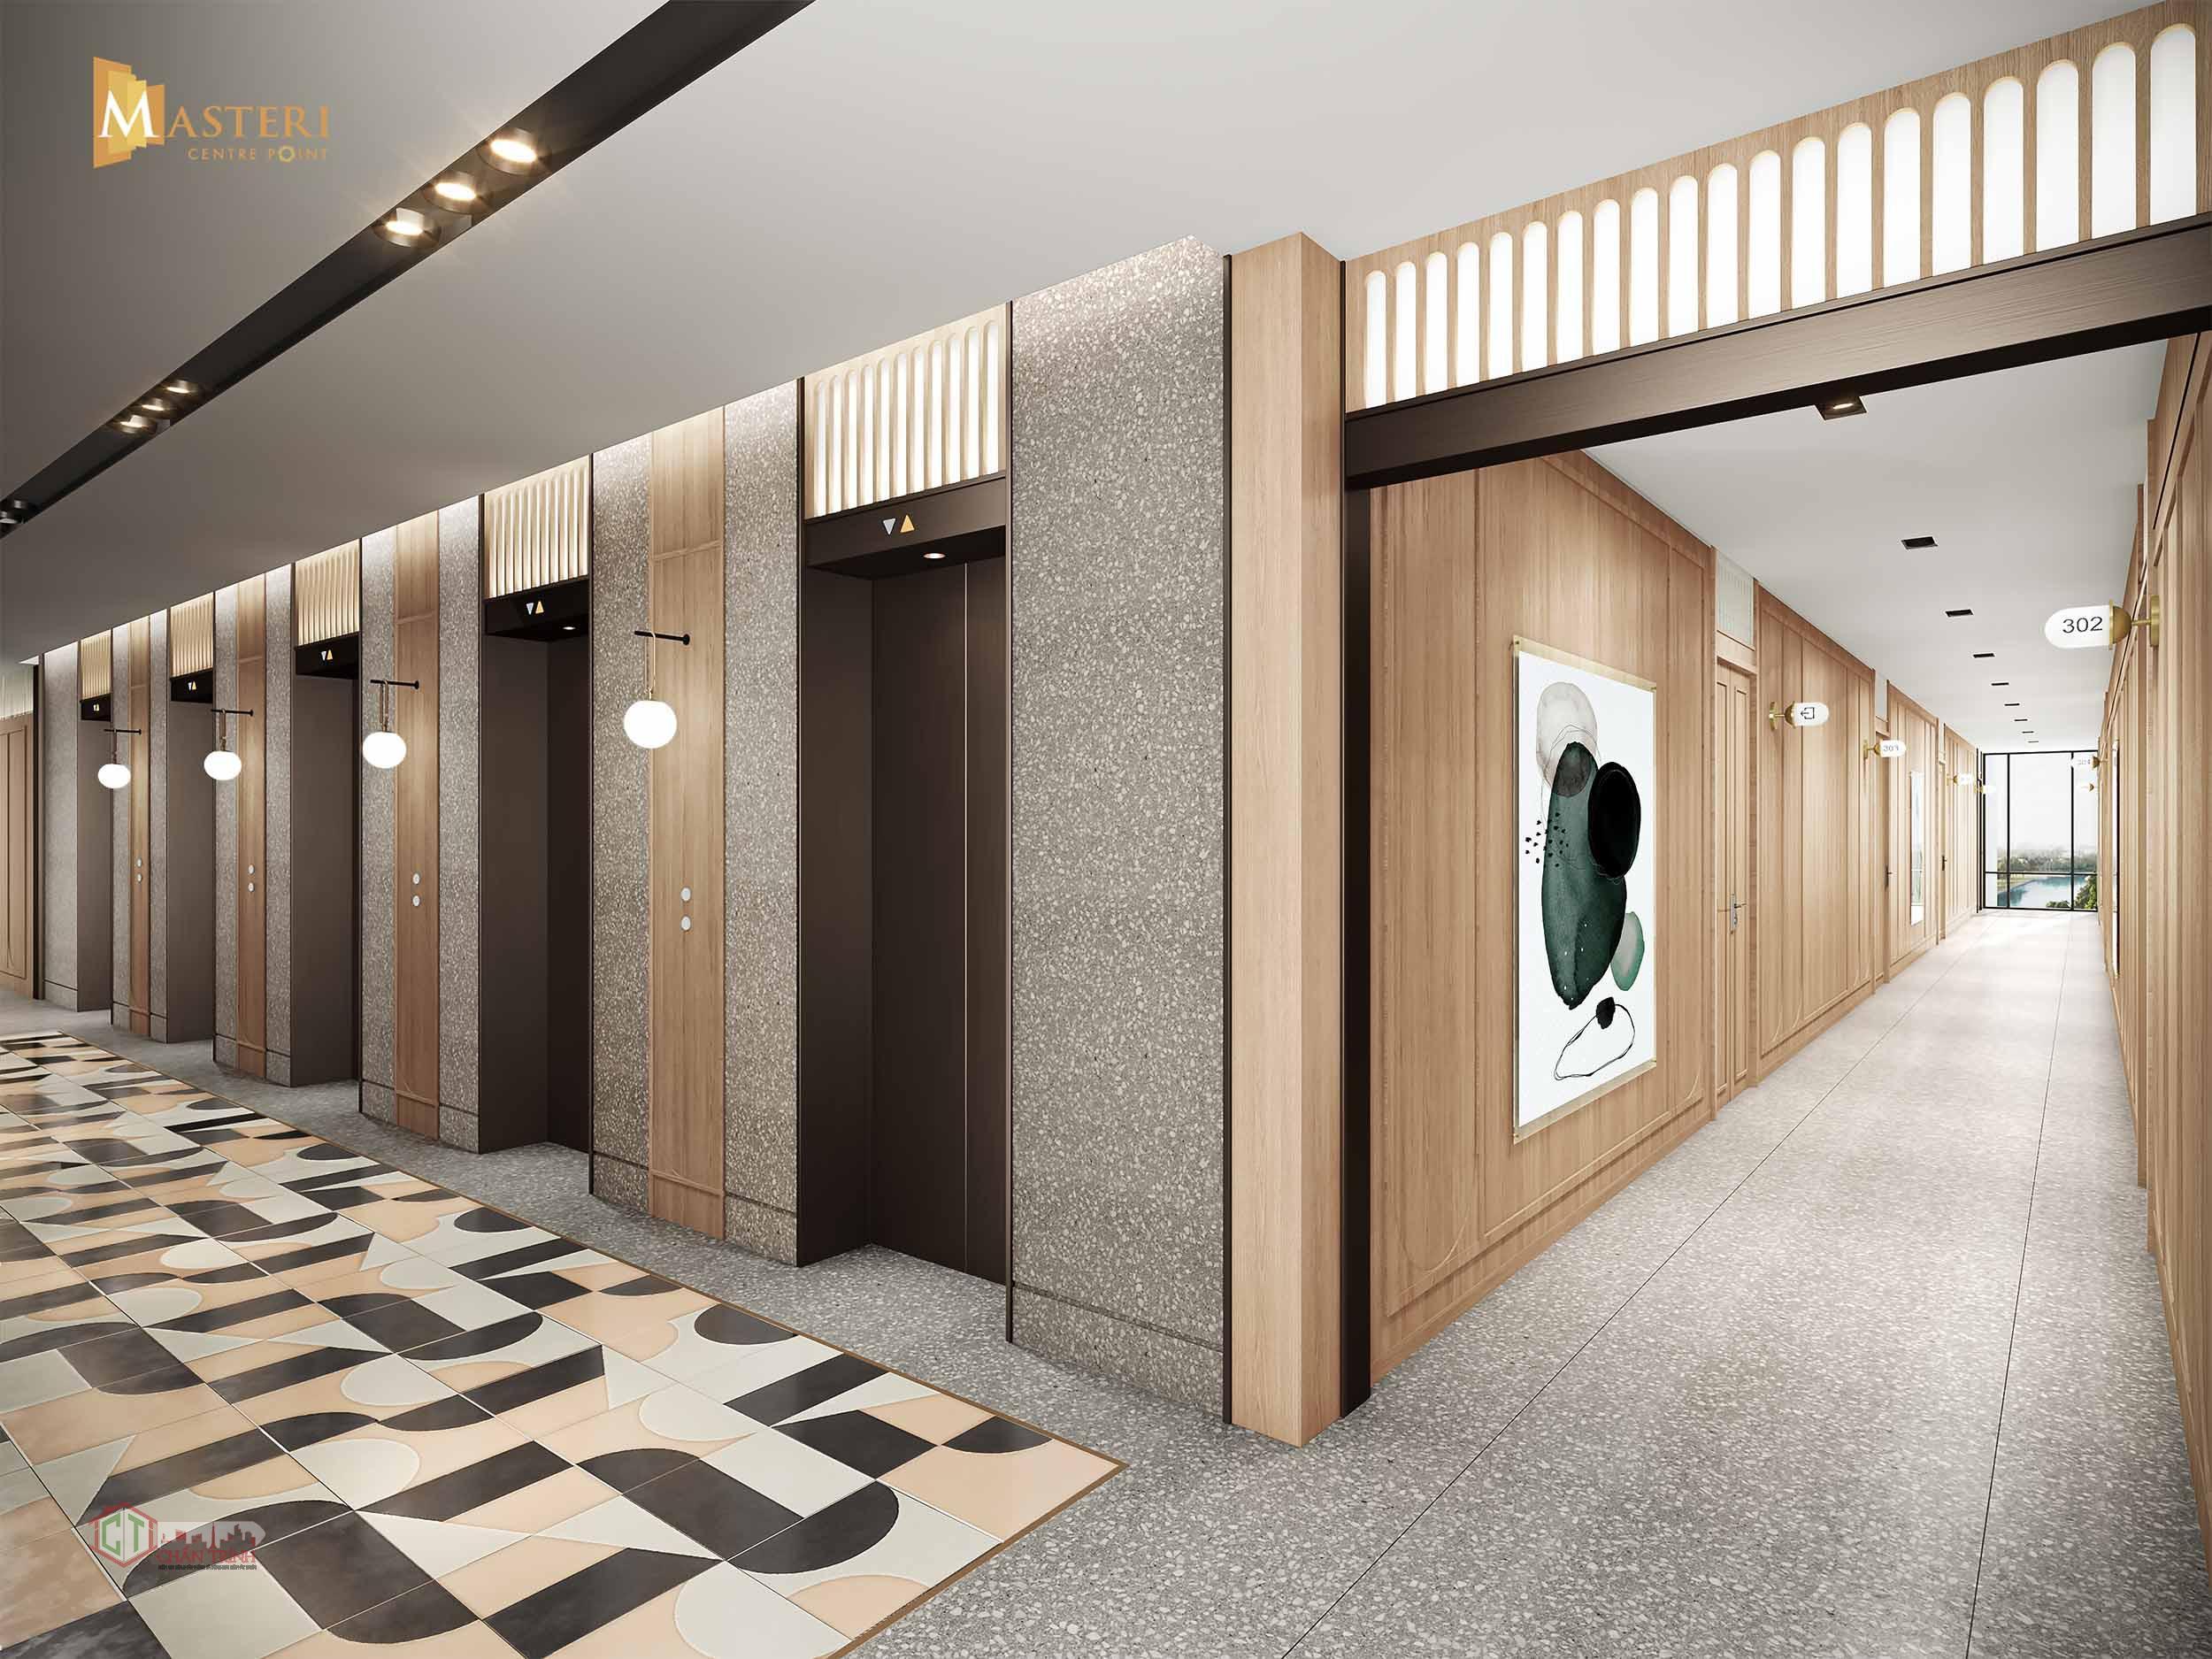 Sảnh hành lang thang máy căn hộ Masteri Quận 9